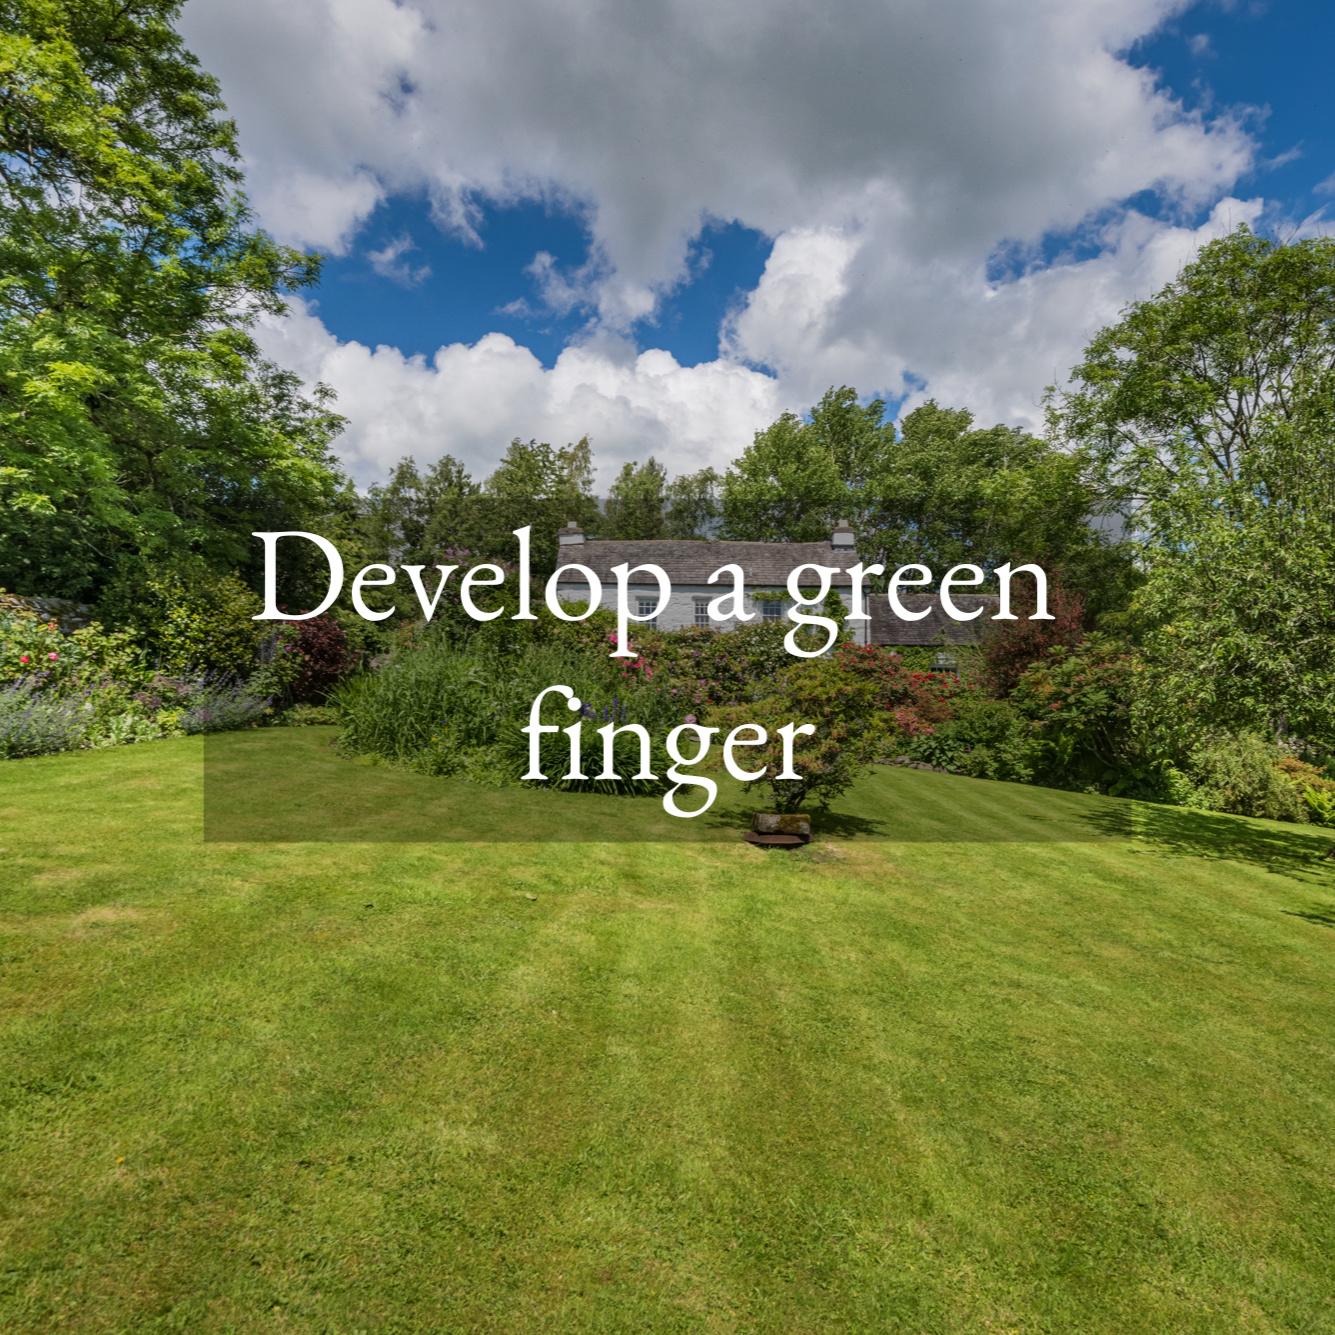 tg1-develop-a-green-finger